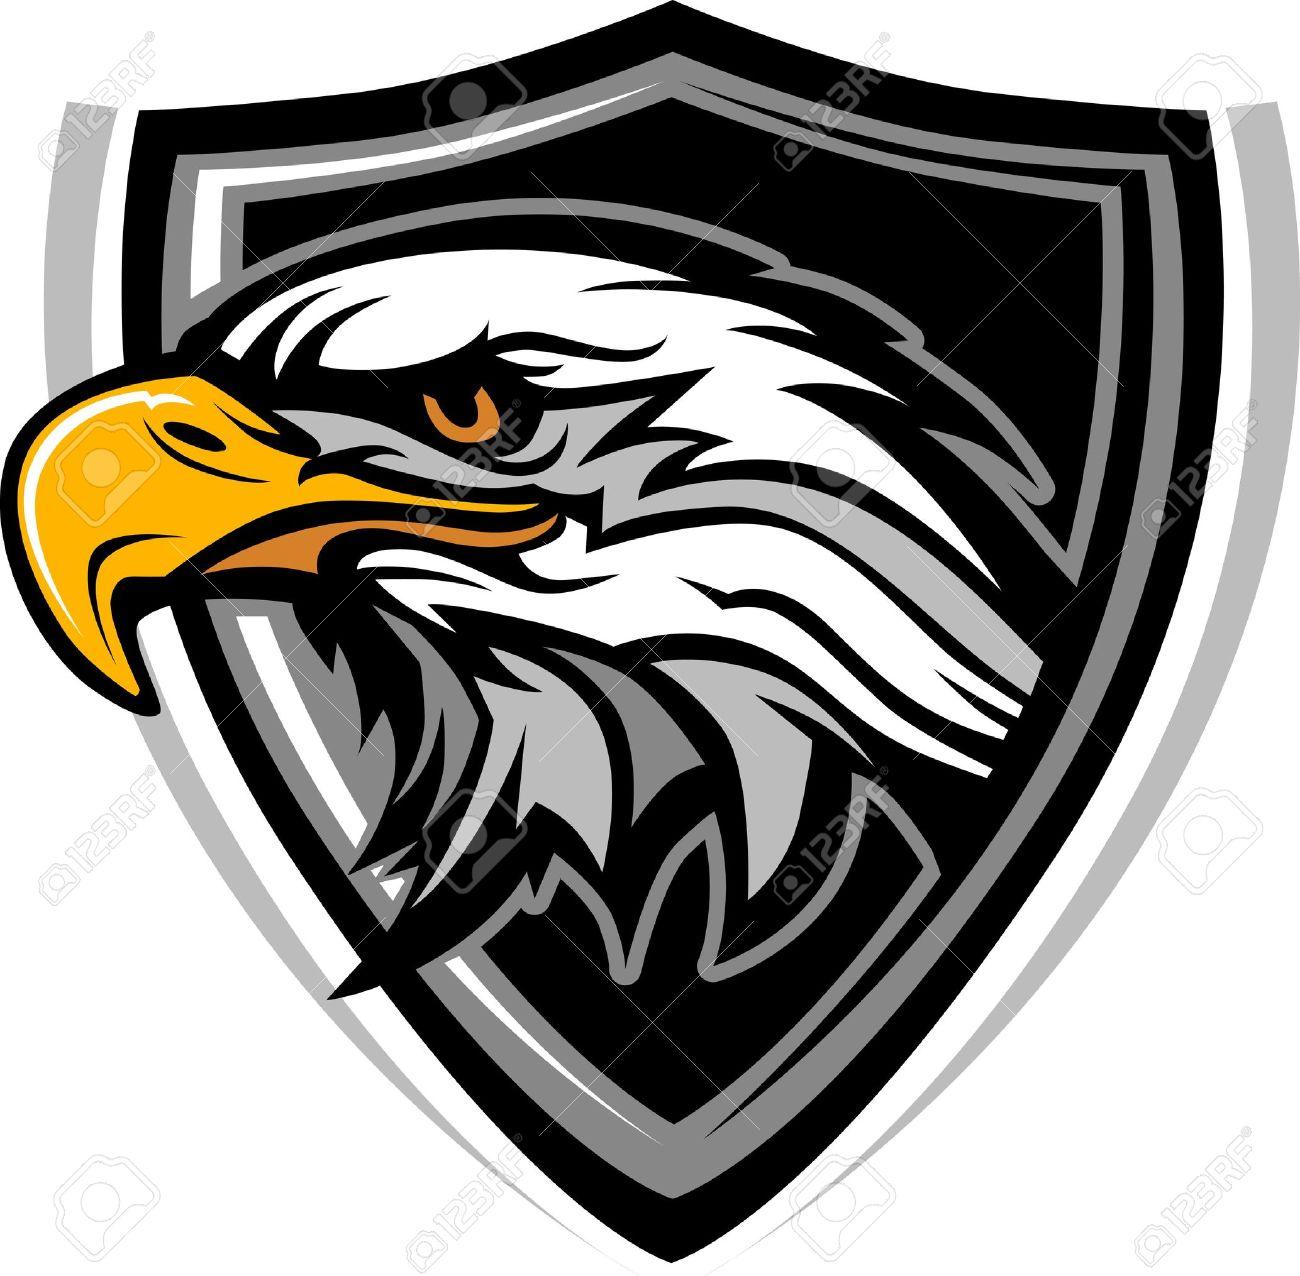 Eagle Head Graphic Mascot Image Stock Vector - 11696908